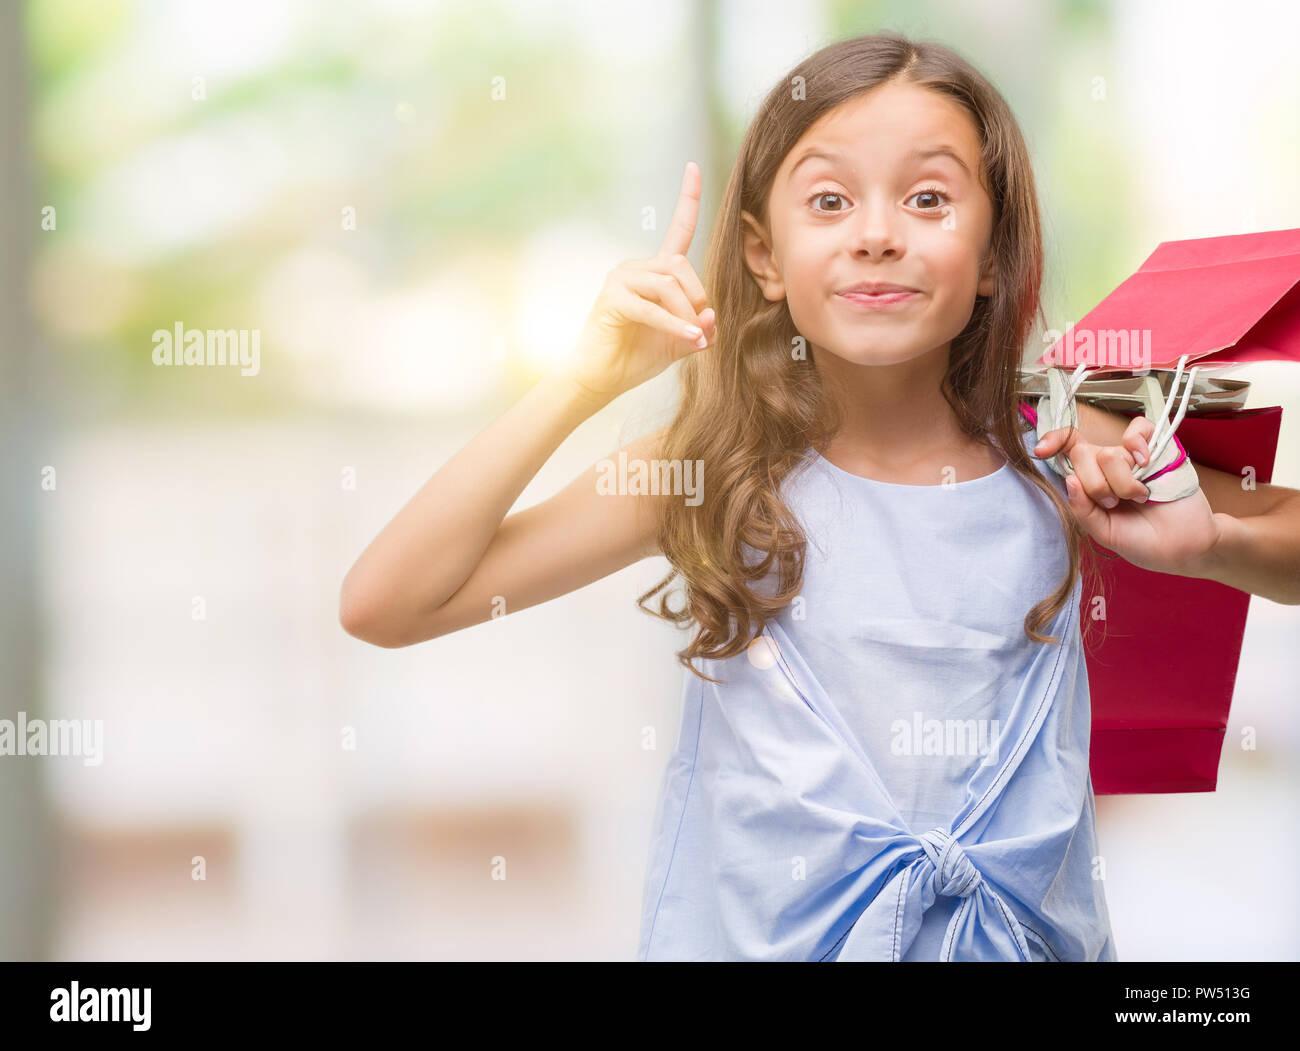 a1693c80035c Bruna ragazza ispanica holding shopping bags sorpreso con un idea o domanda  puntare il dito